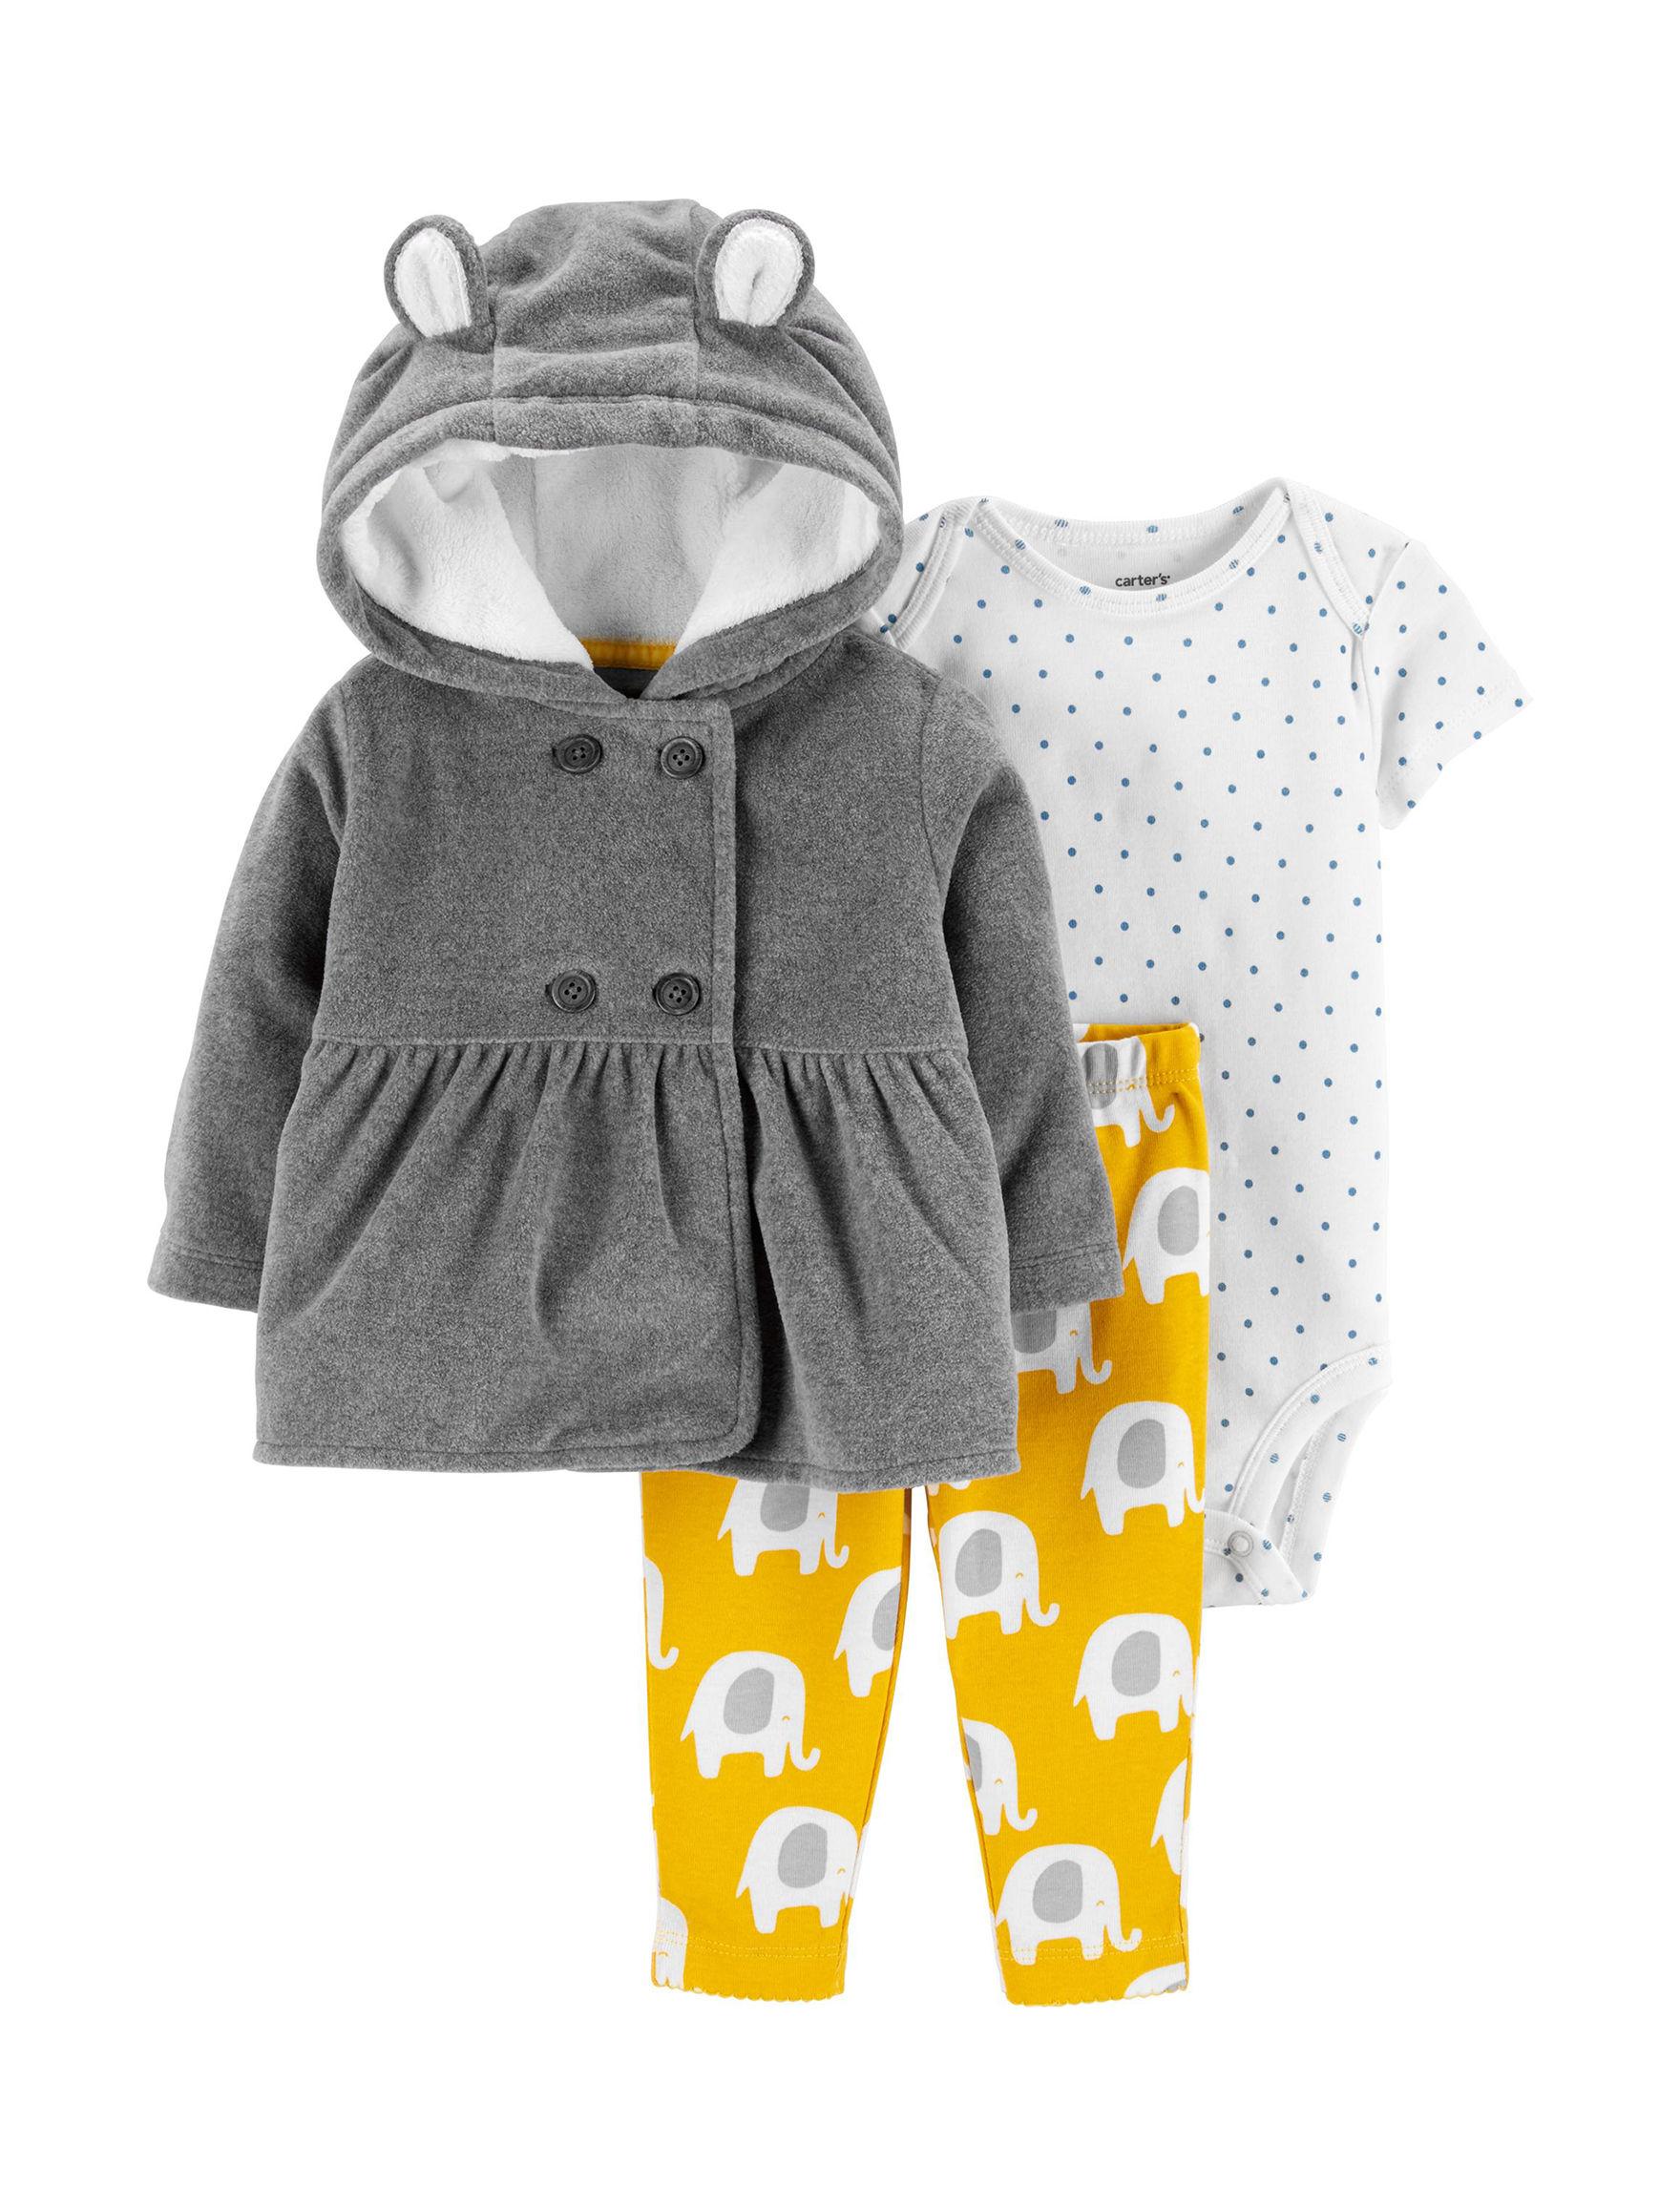 Carter's Grey / Yellow